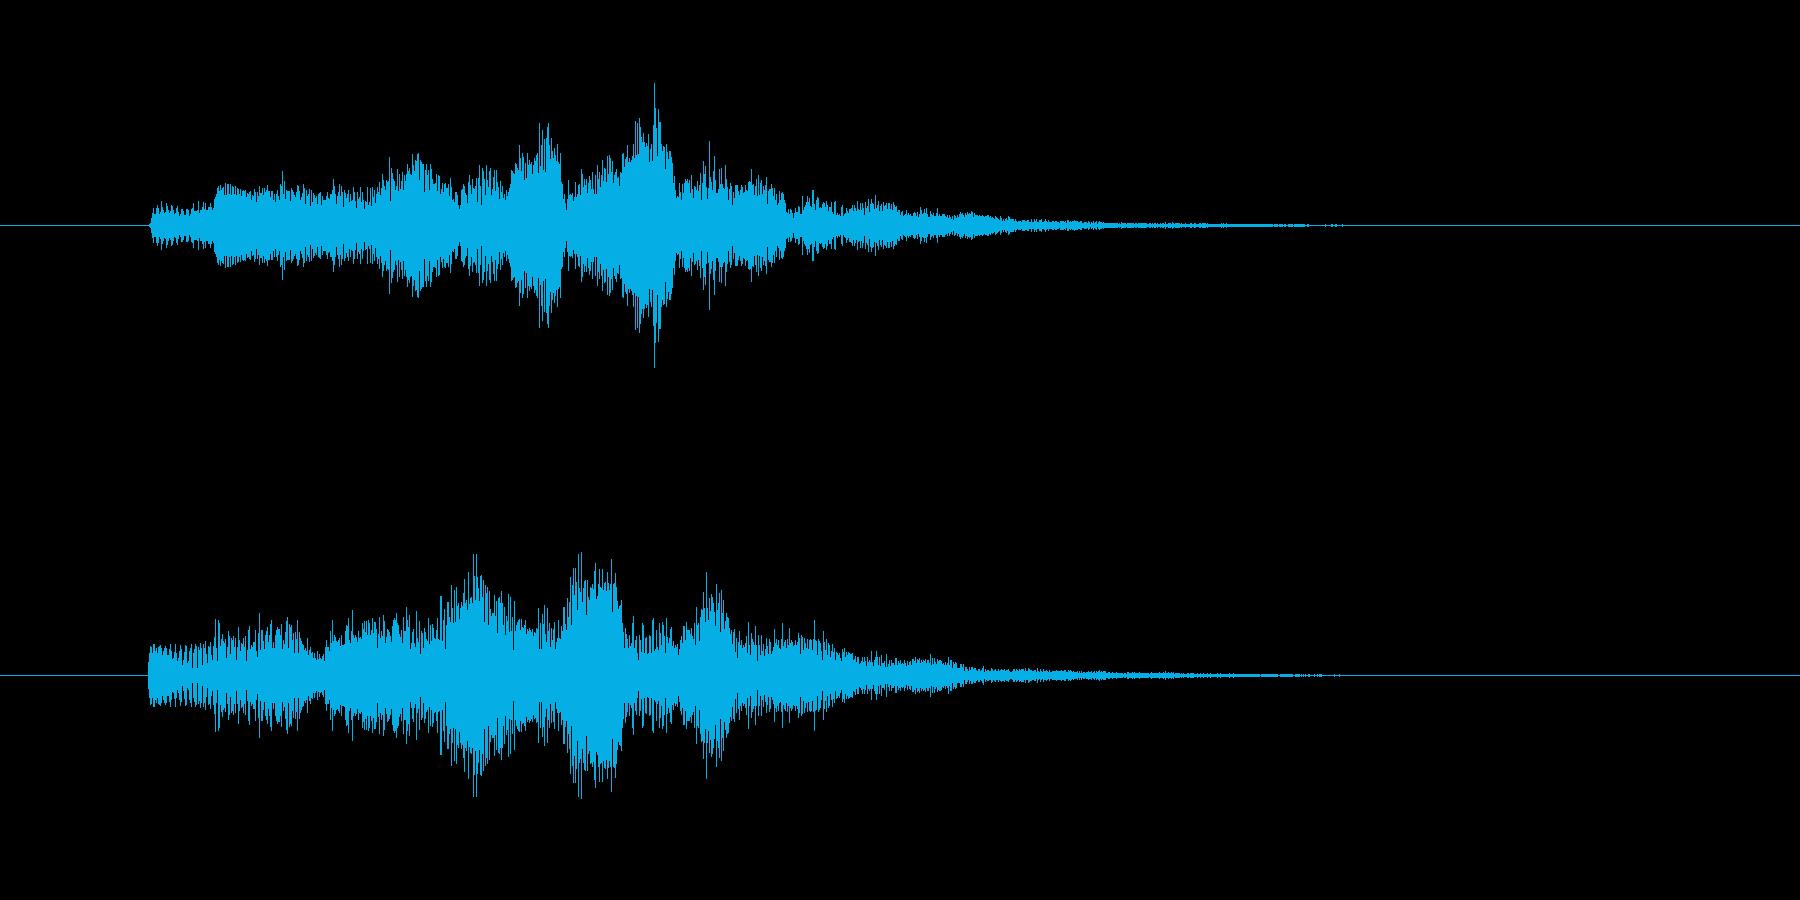 ホワホワホワ(幻想的なタイトル音)の再生済みの波形